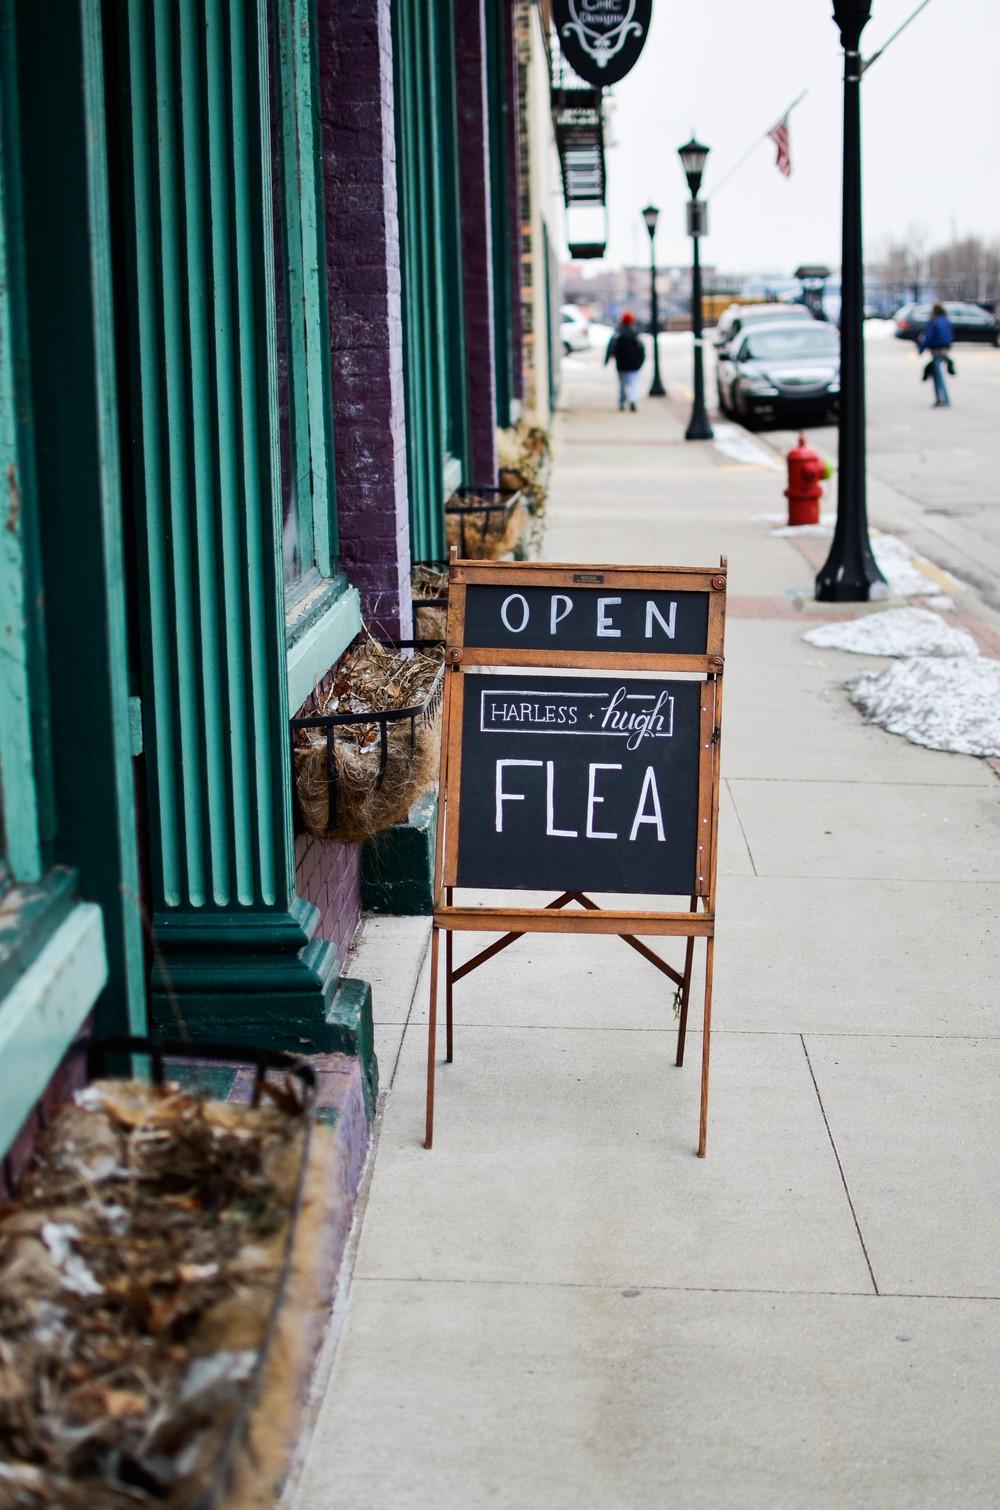 flea2.jpg